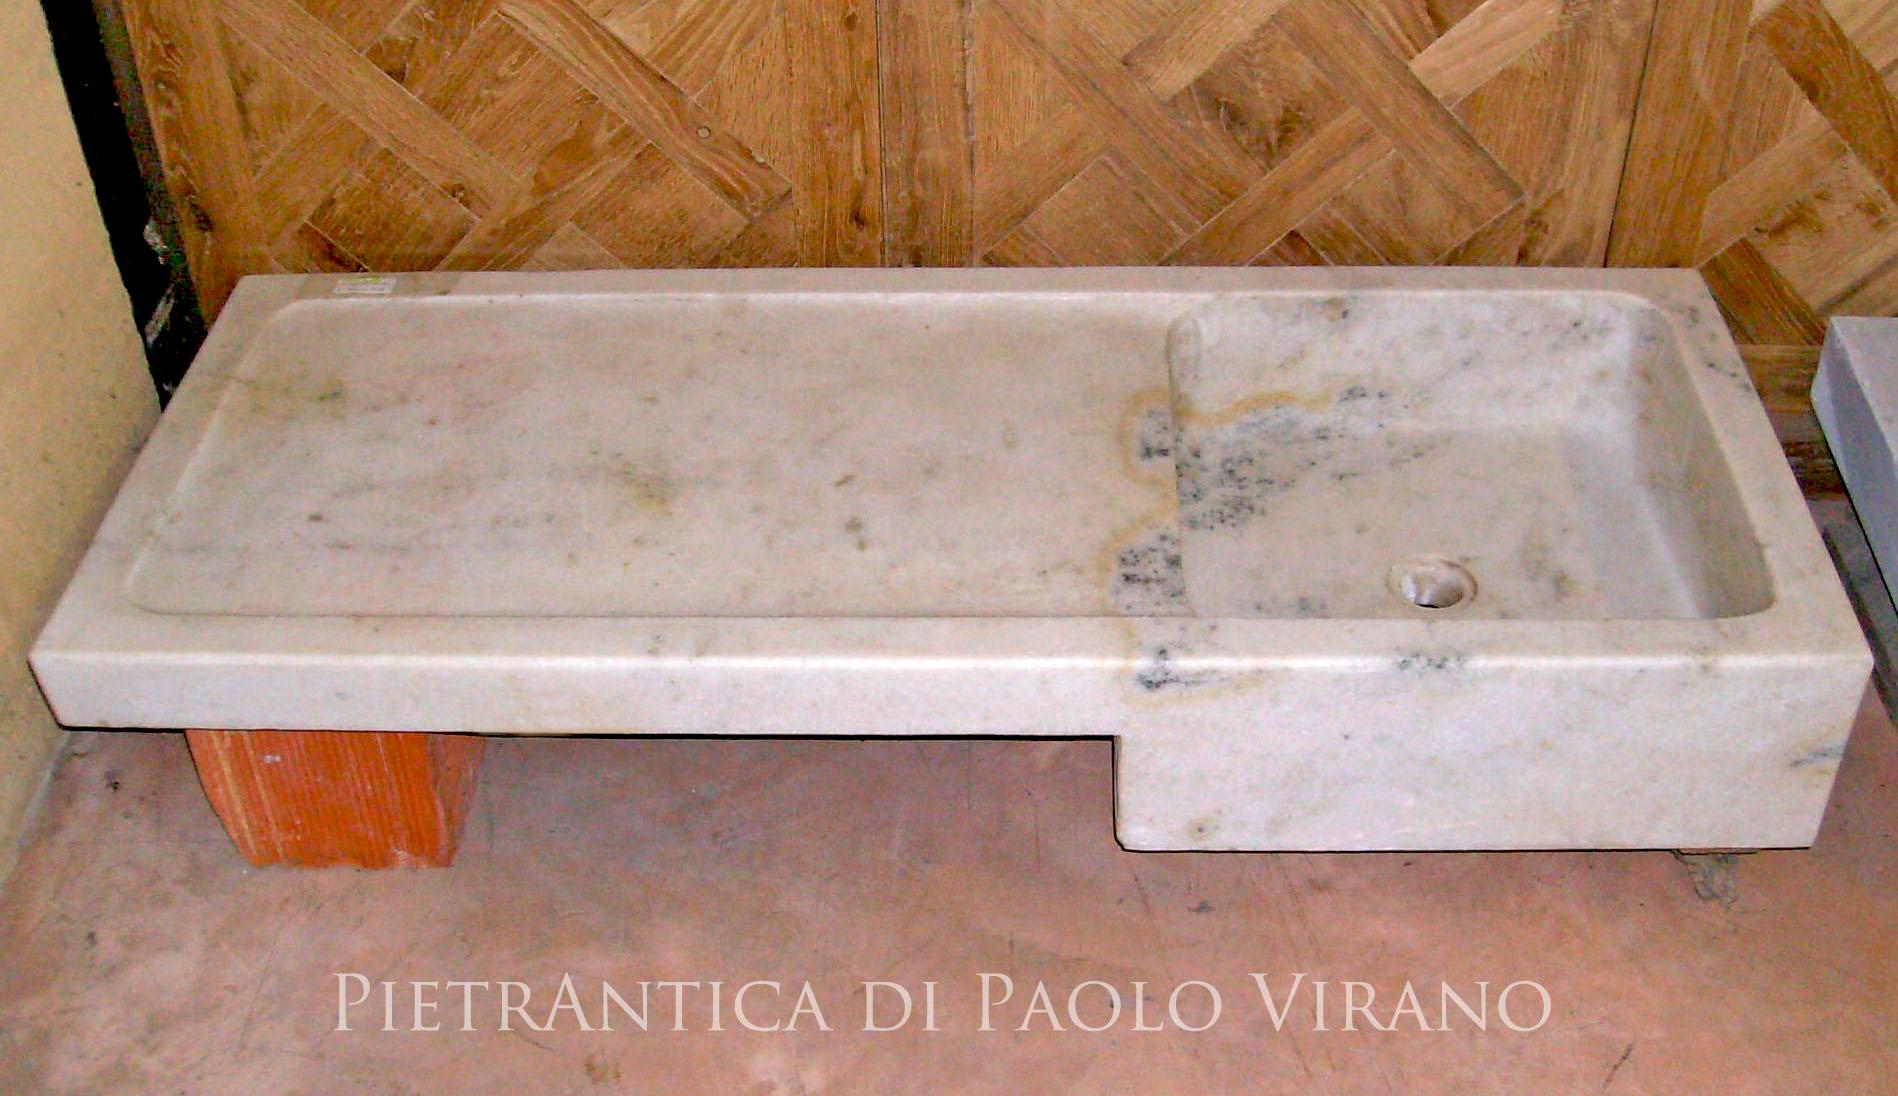 Catalogo Lavandini Vasche Antichi Pietrantica Virano